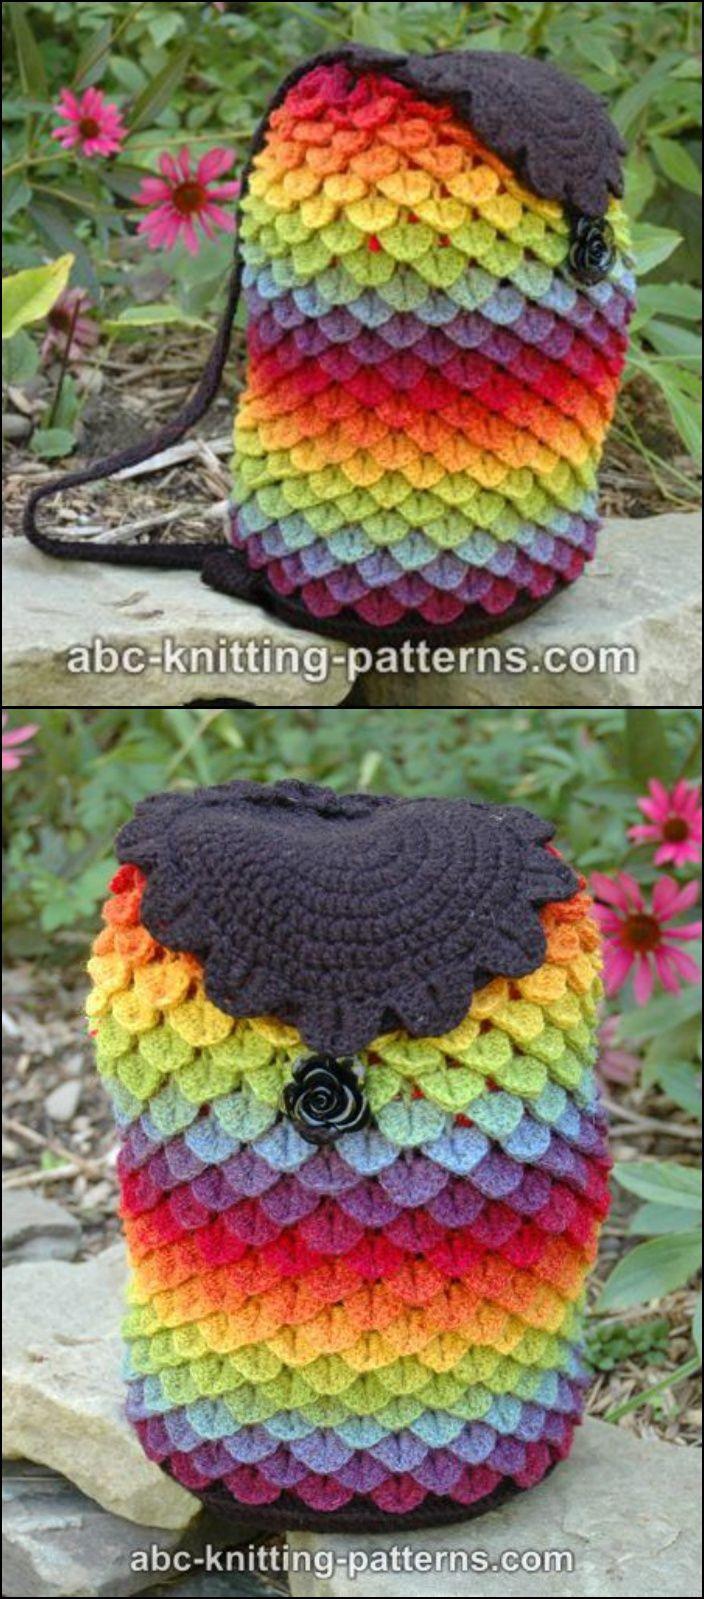 18 Crochet Backpack with Free Patterns | Tasche häkeln, Häkeln und ...